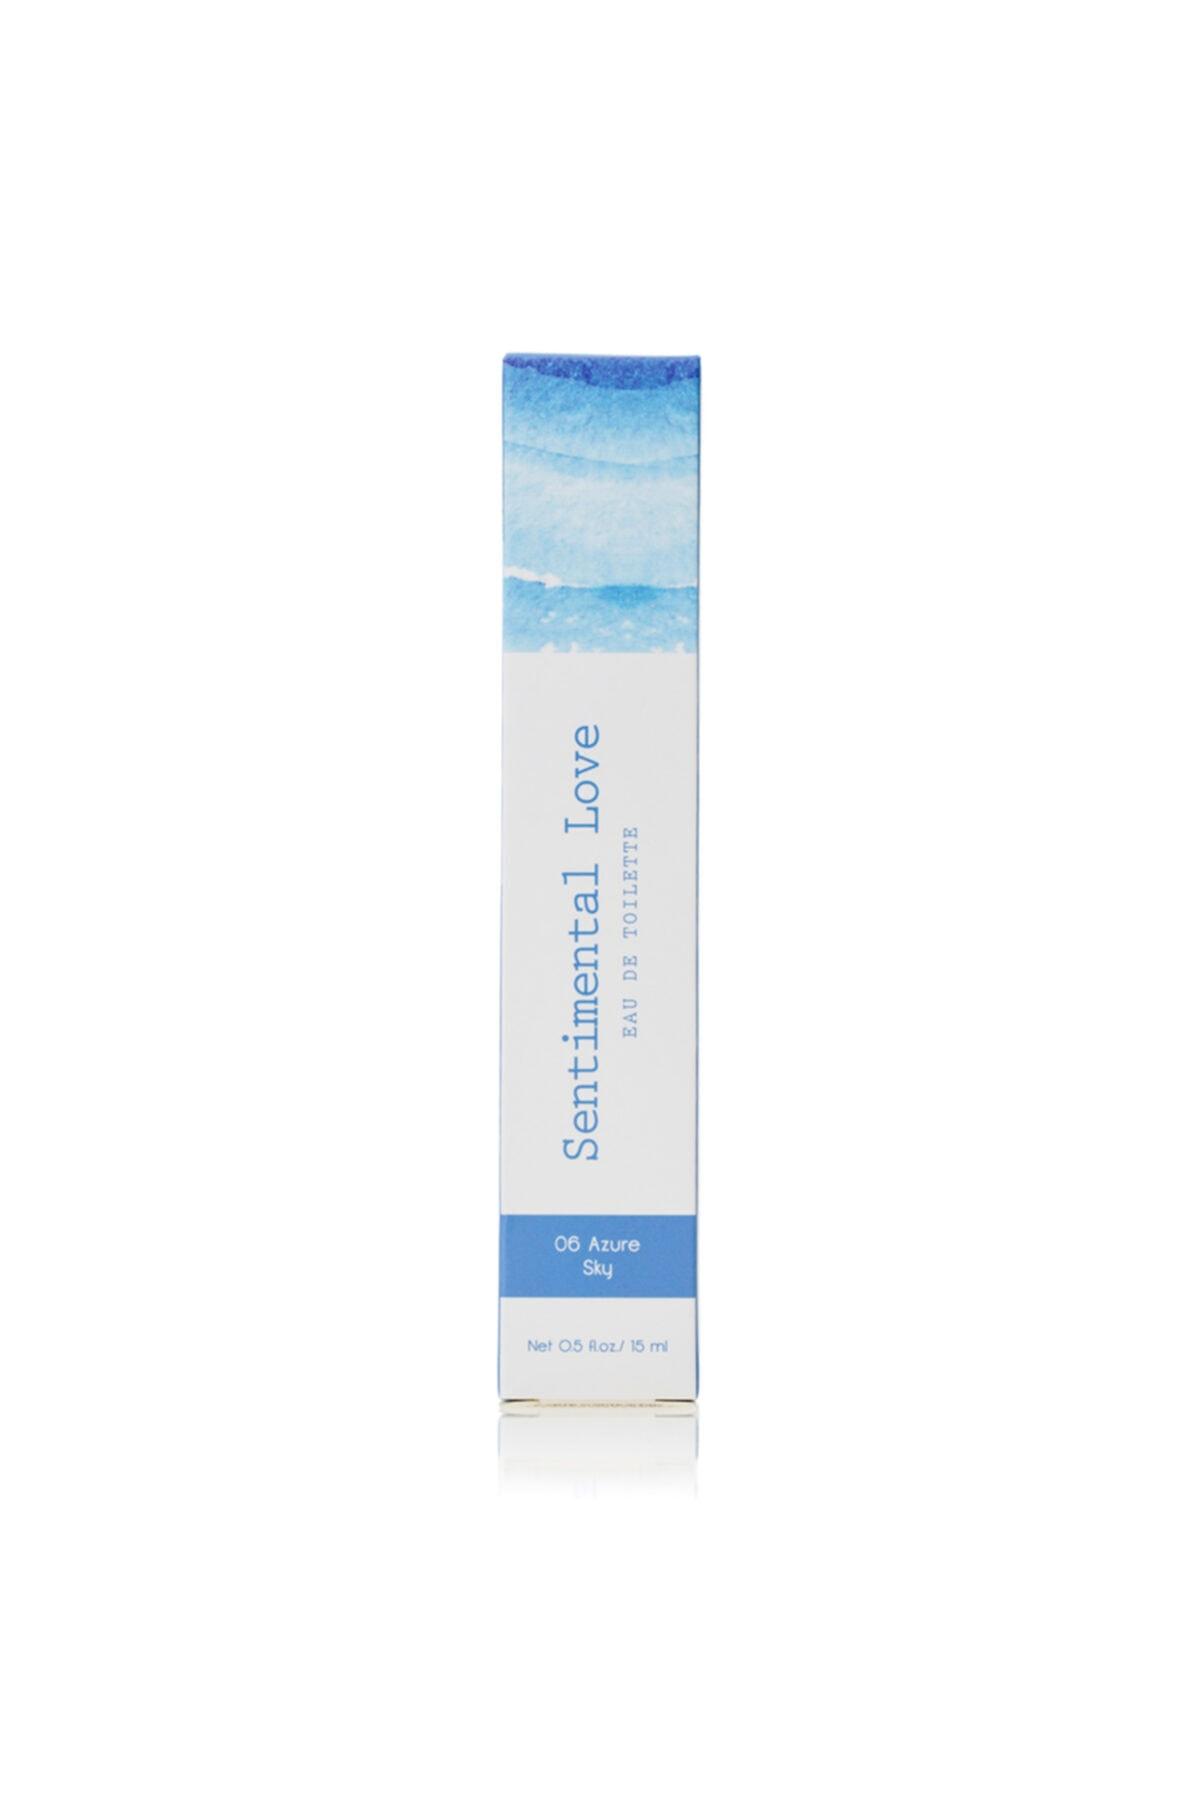 Miniso Mınıso Kadın Parfüm (06 Azure Sky) 15ml 2